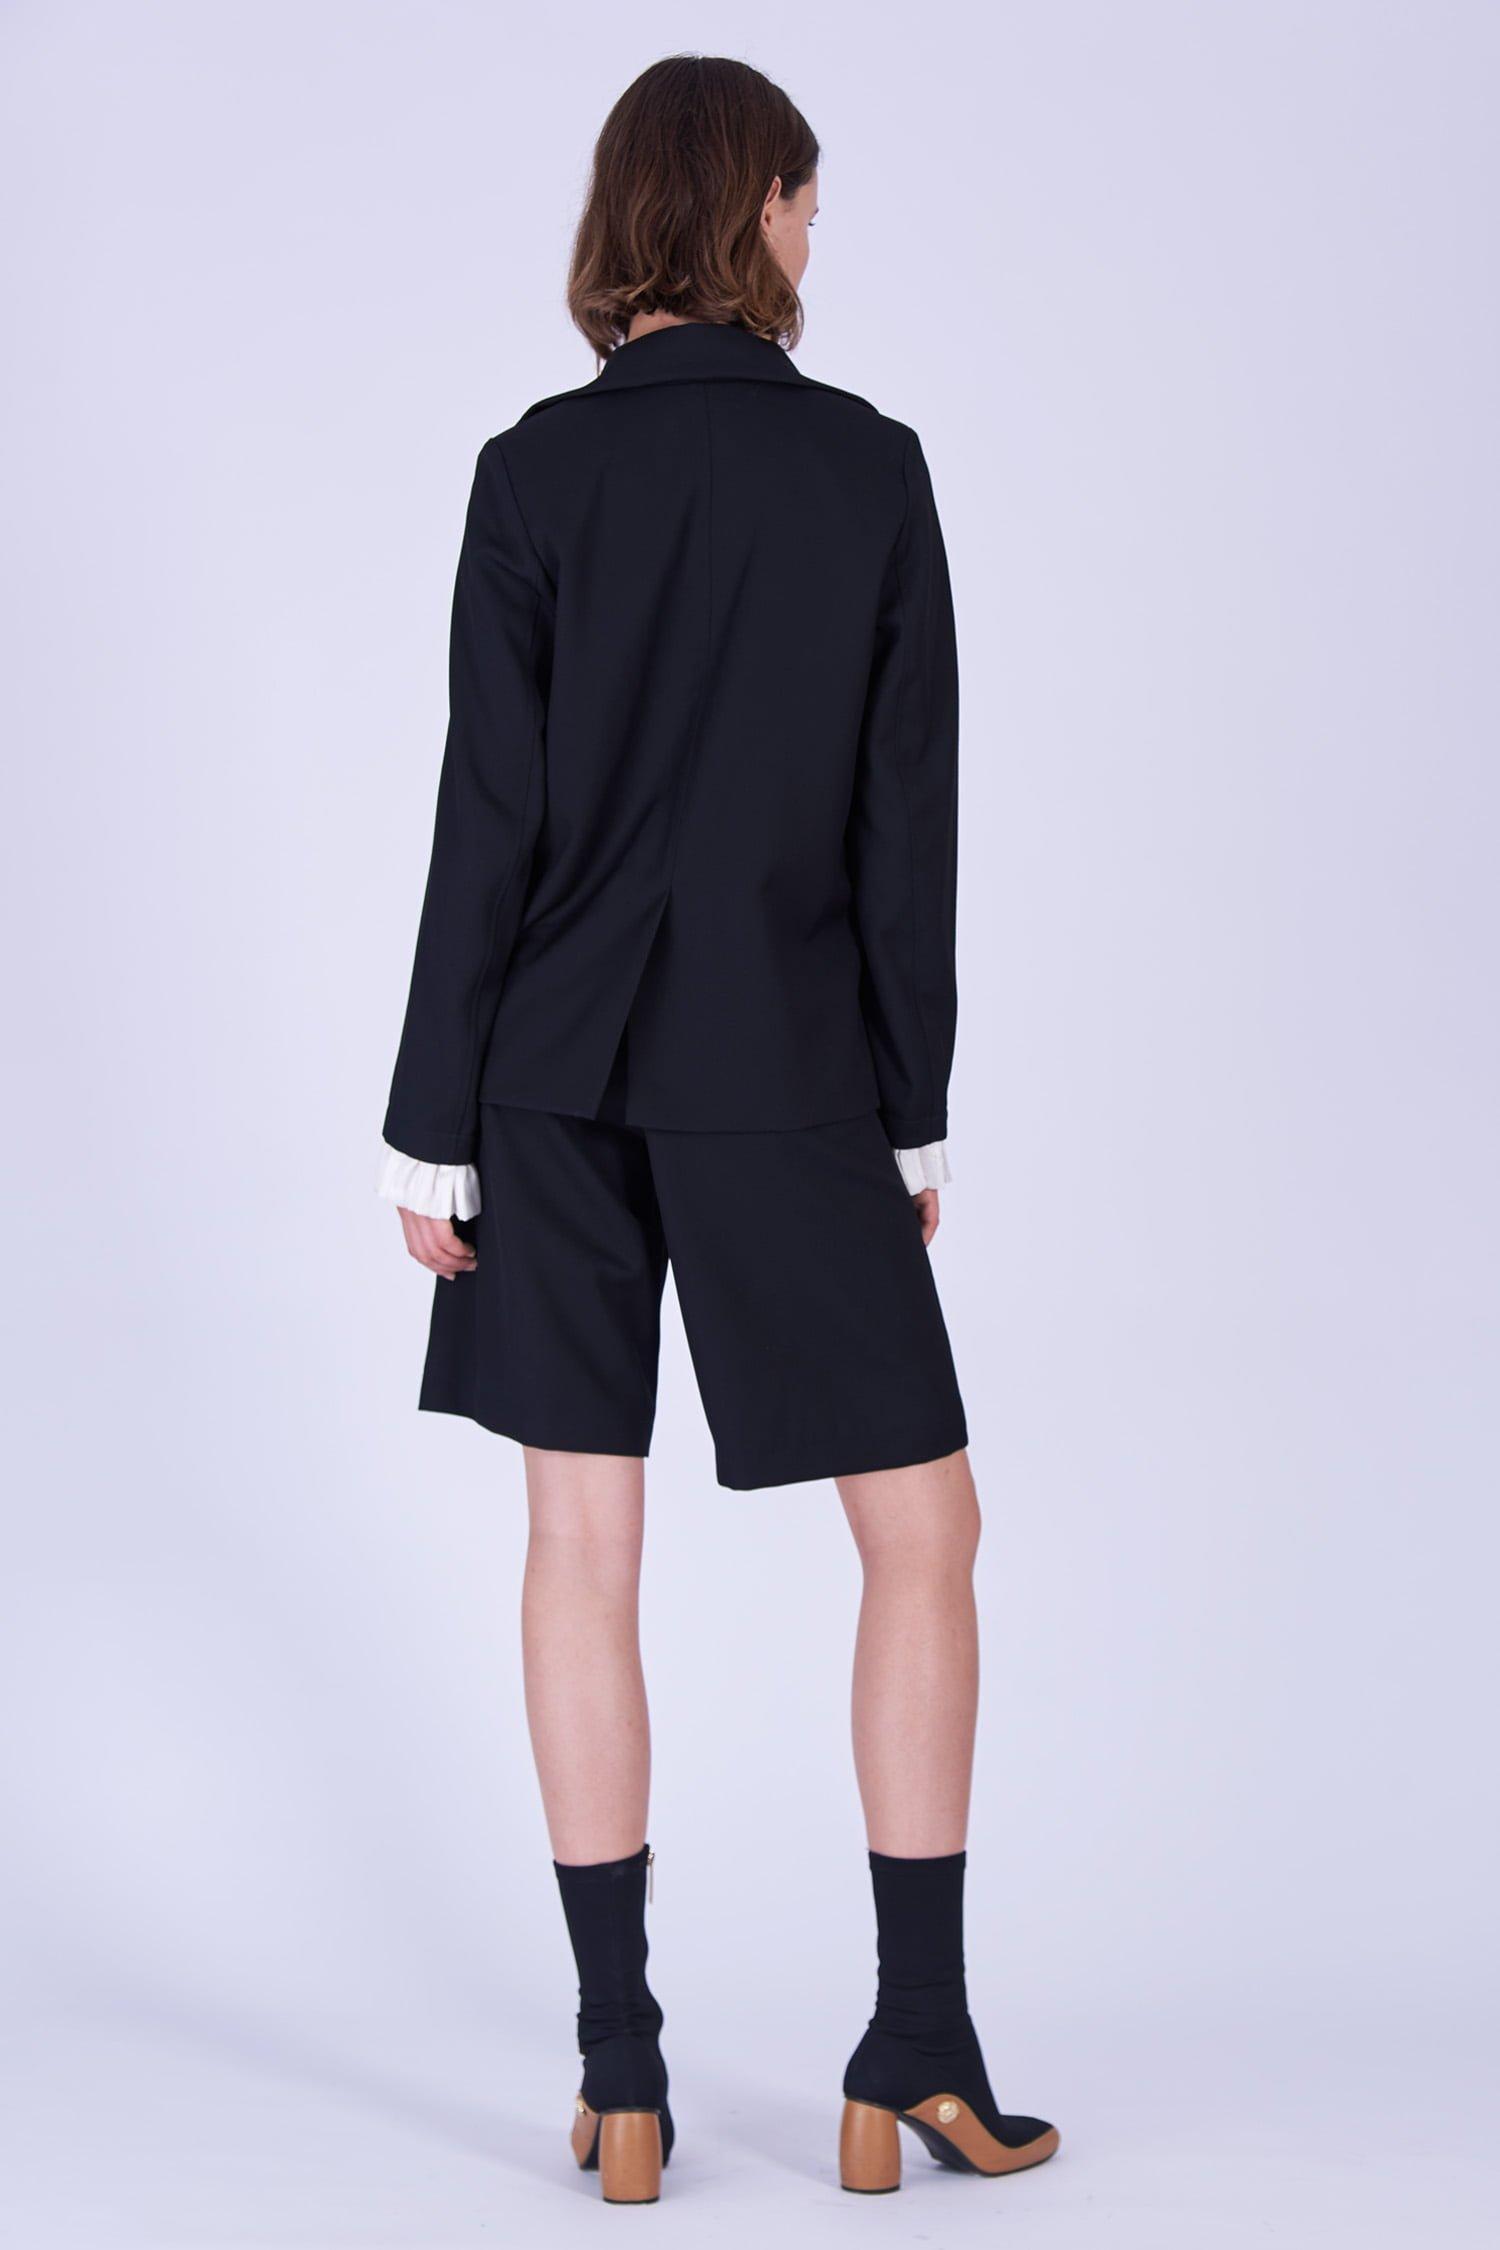 Acephala Fw19 20 Black Jacket Black Shorts Wool Czarna Kamizelka Czarne Szorty Welna Back 2